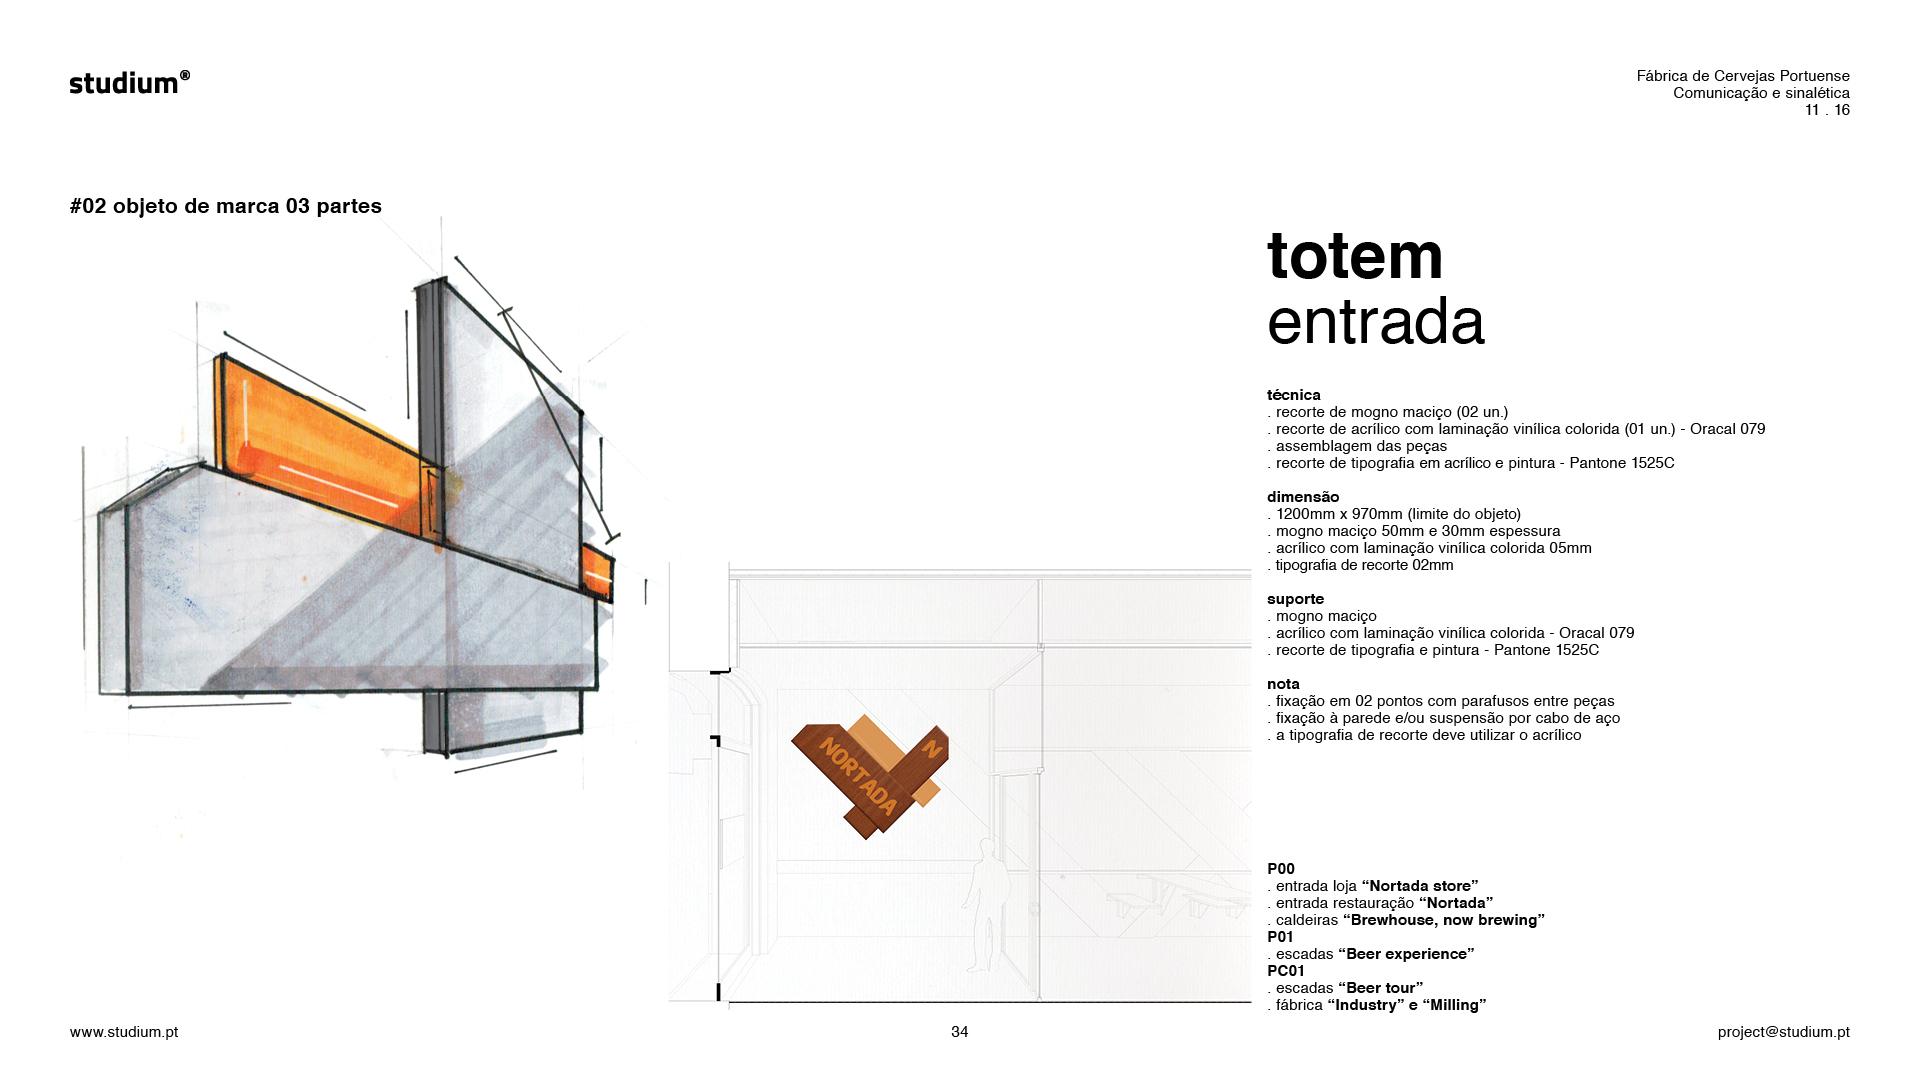 DSN20160033-FCPortuense-Sinaletica-Presentation-T34